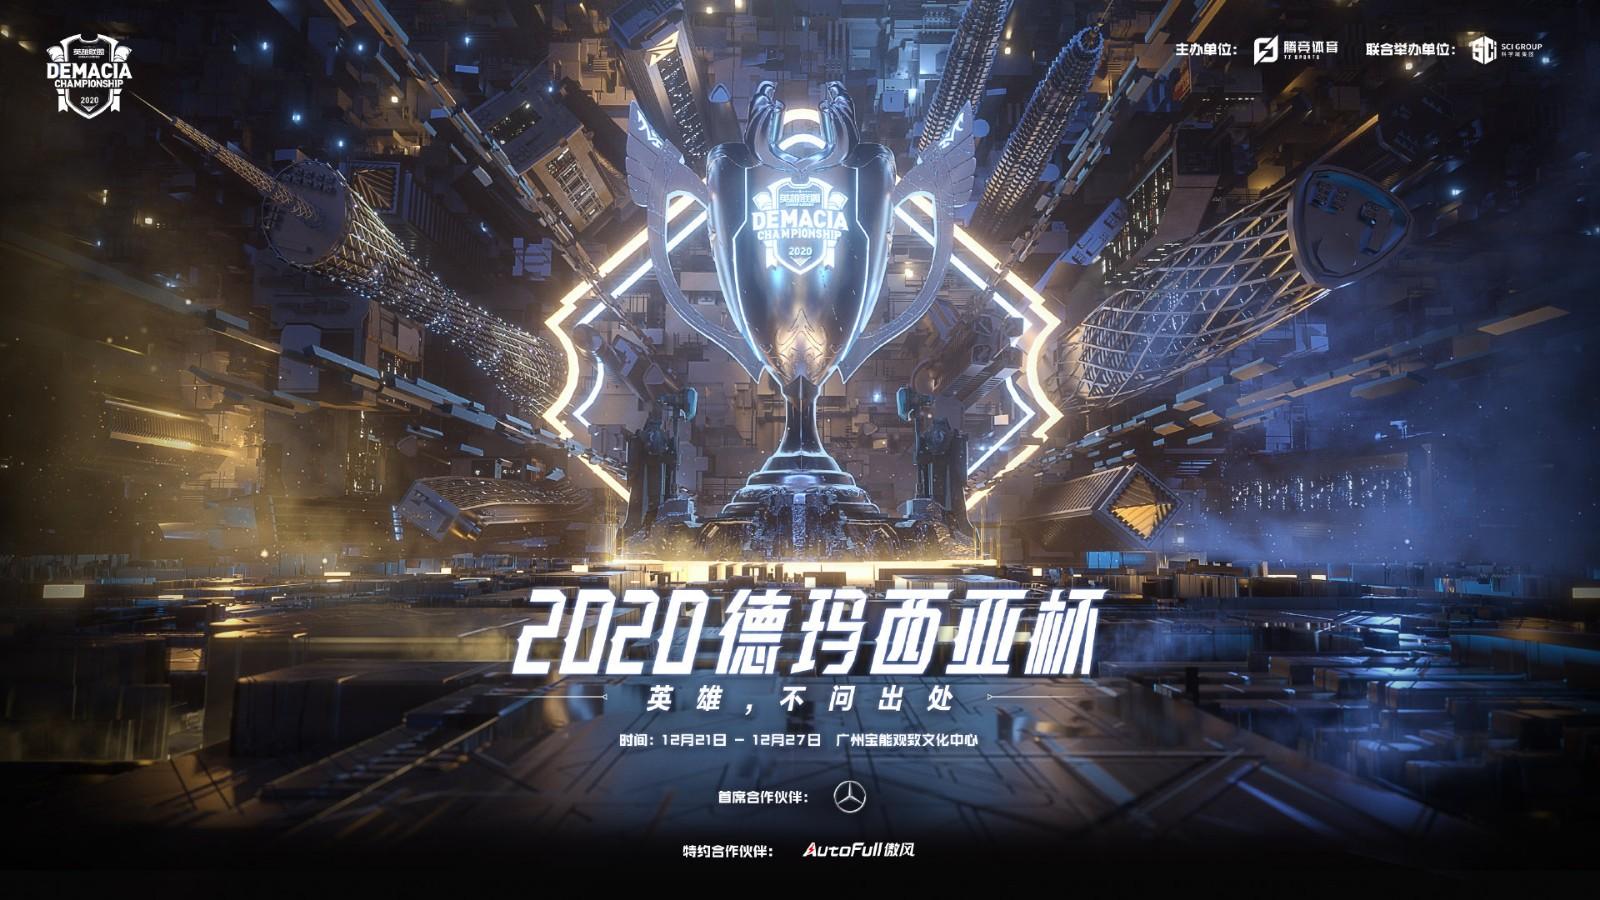 2020德杯12月21日正式开赛 共计24支队伍参赛